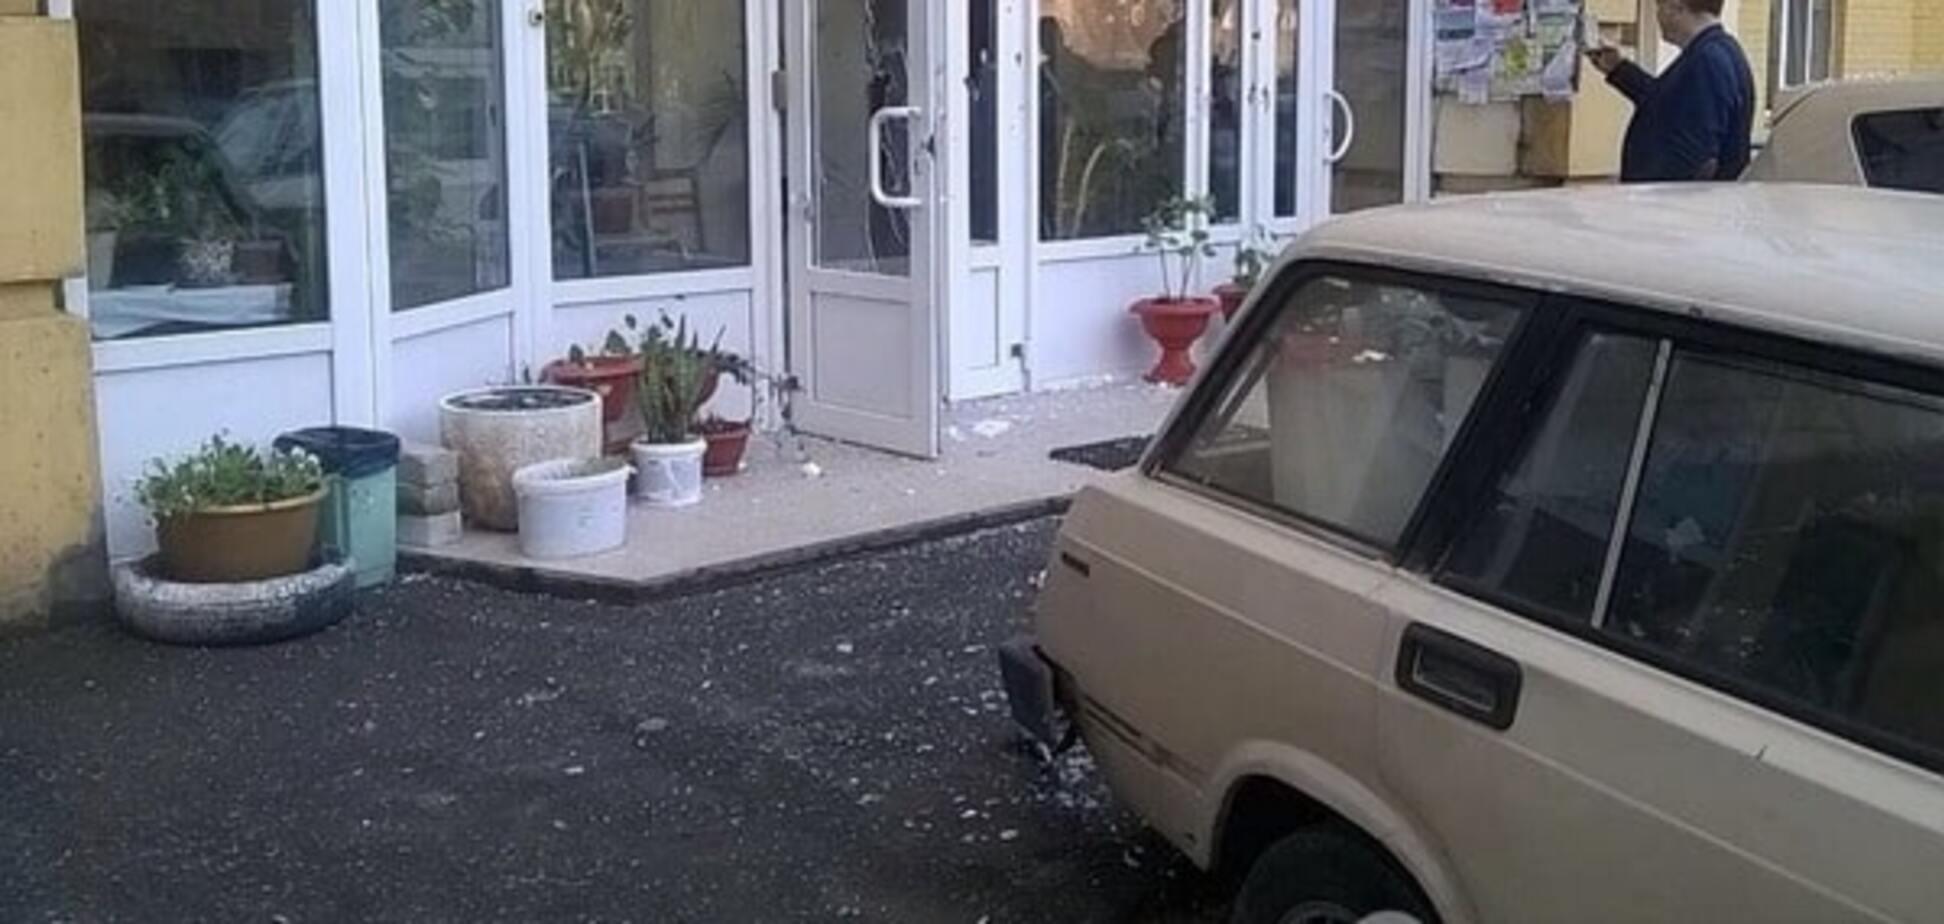 Подробиці вибуху в Києві: злочинці стежили за жертвою за допомогою веб-камери